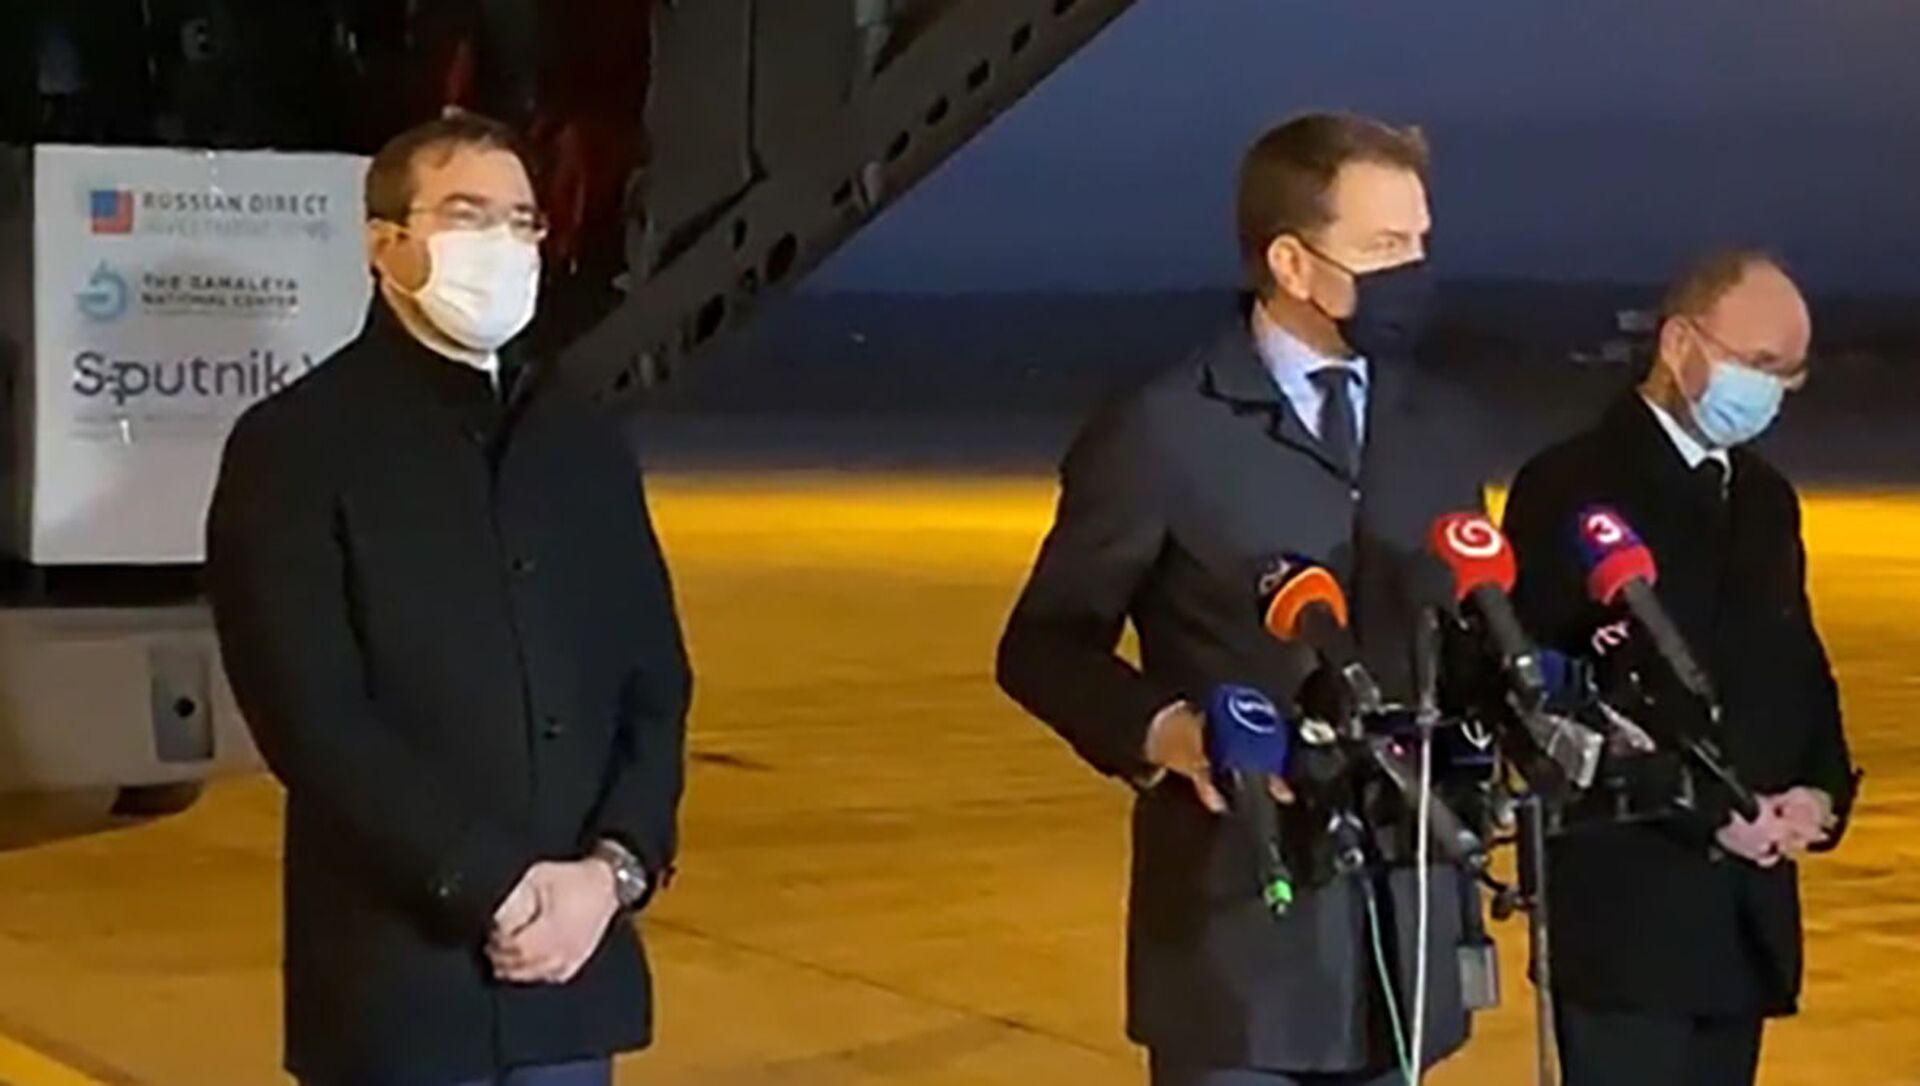 Slovenský premiér Igor Matovič (uprostřed) na letišti v Košicích, kam byly dopraveny první dodávky ruské vakcíny Sputnik V - Sputnik Česká republika, 1920, 11.03.2021